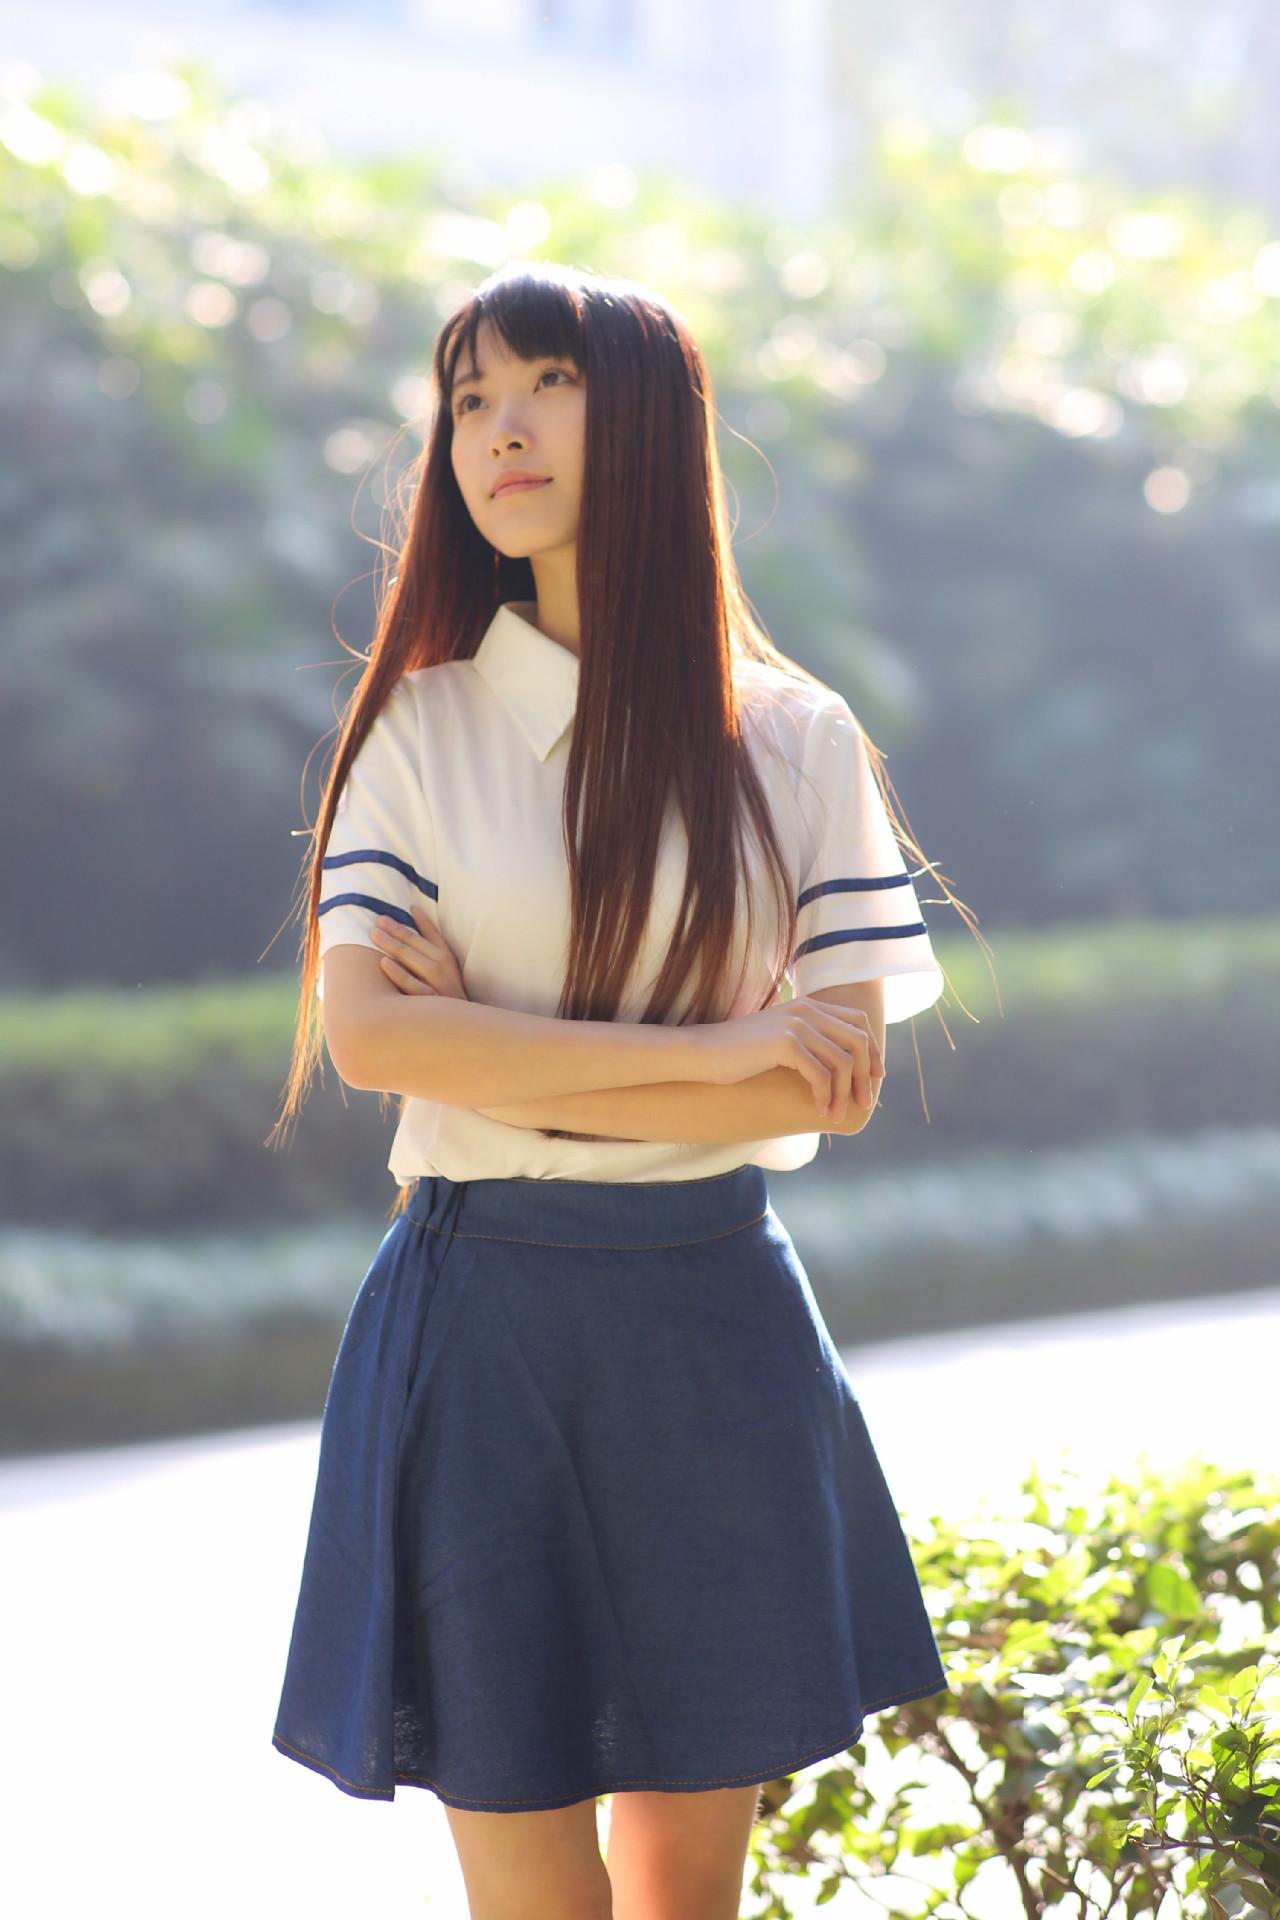 ชุดนักเรียนแฟนซี เสื้อสีขาวแต่งแถบน้ำเงิน คอปกเชิ้ต (ซิปหลัง) พร้อมกระโปรงทรงเอผ้ายีนส์แบบบาง ยางยืดหลัง